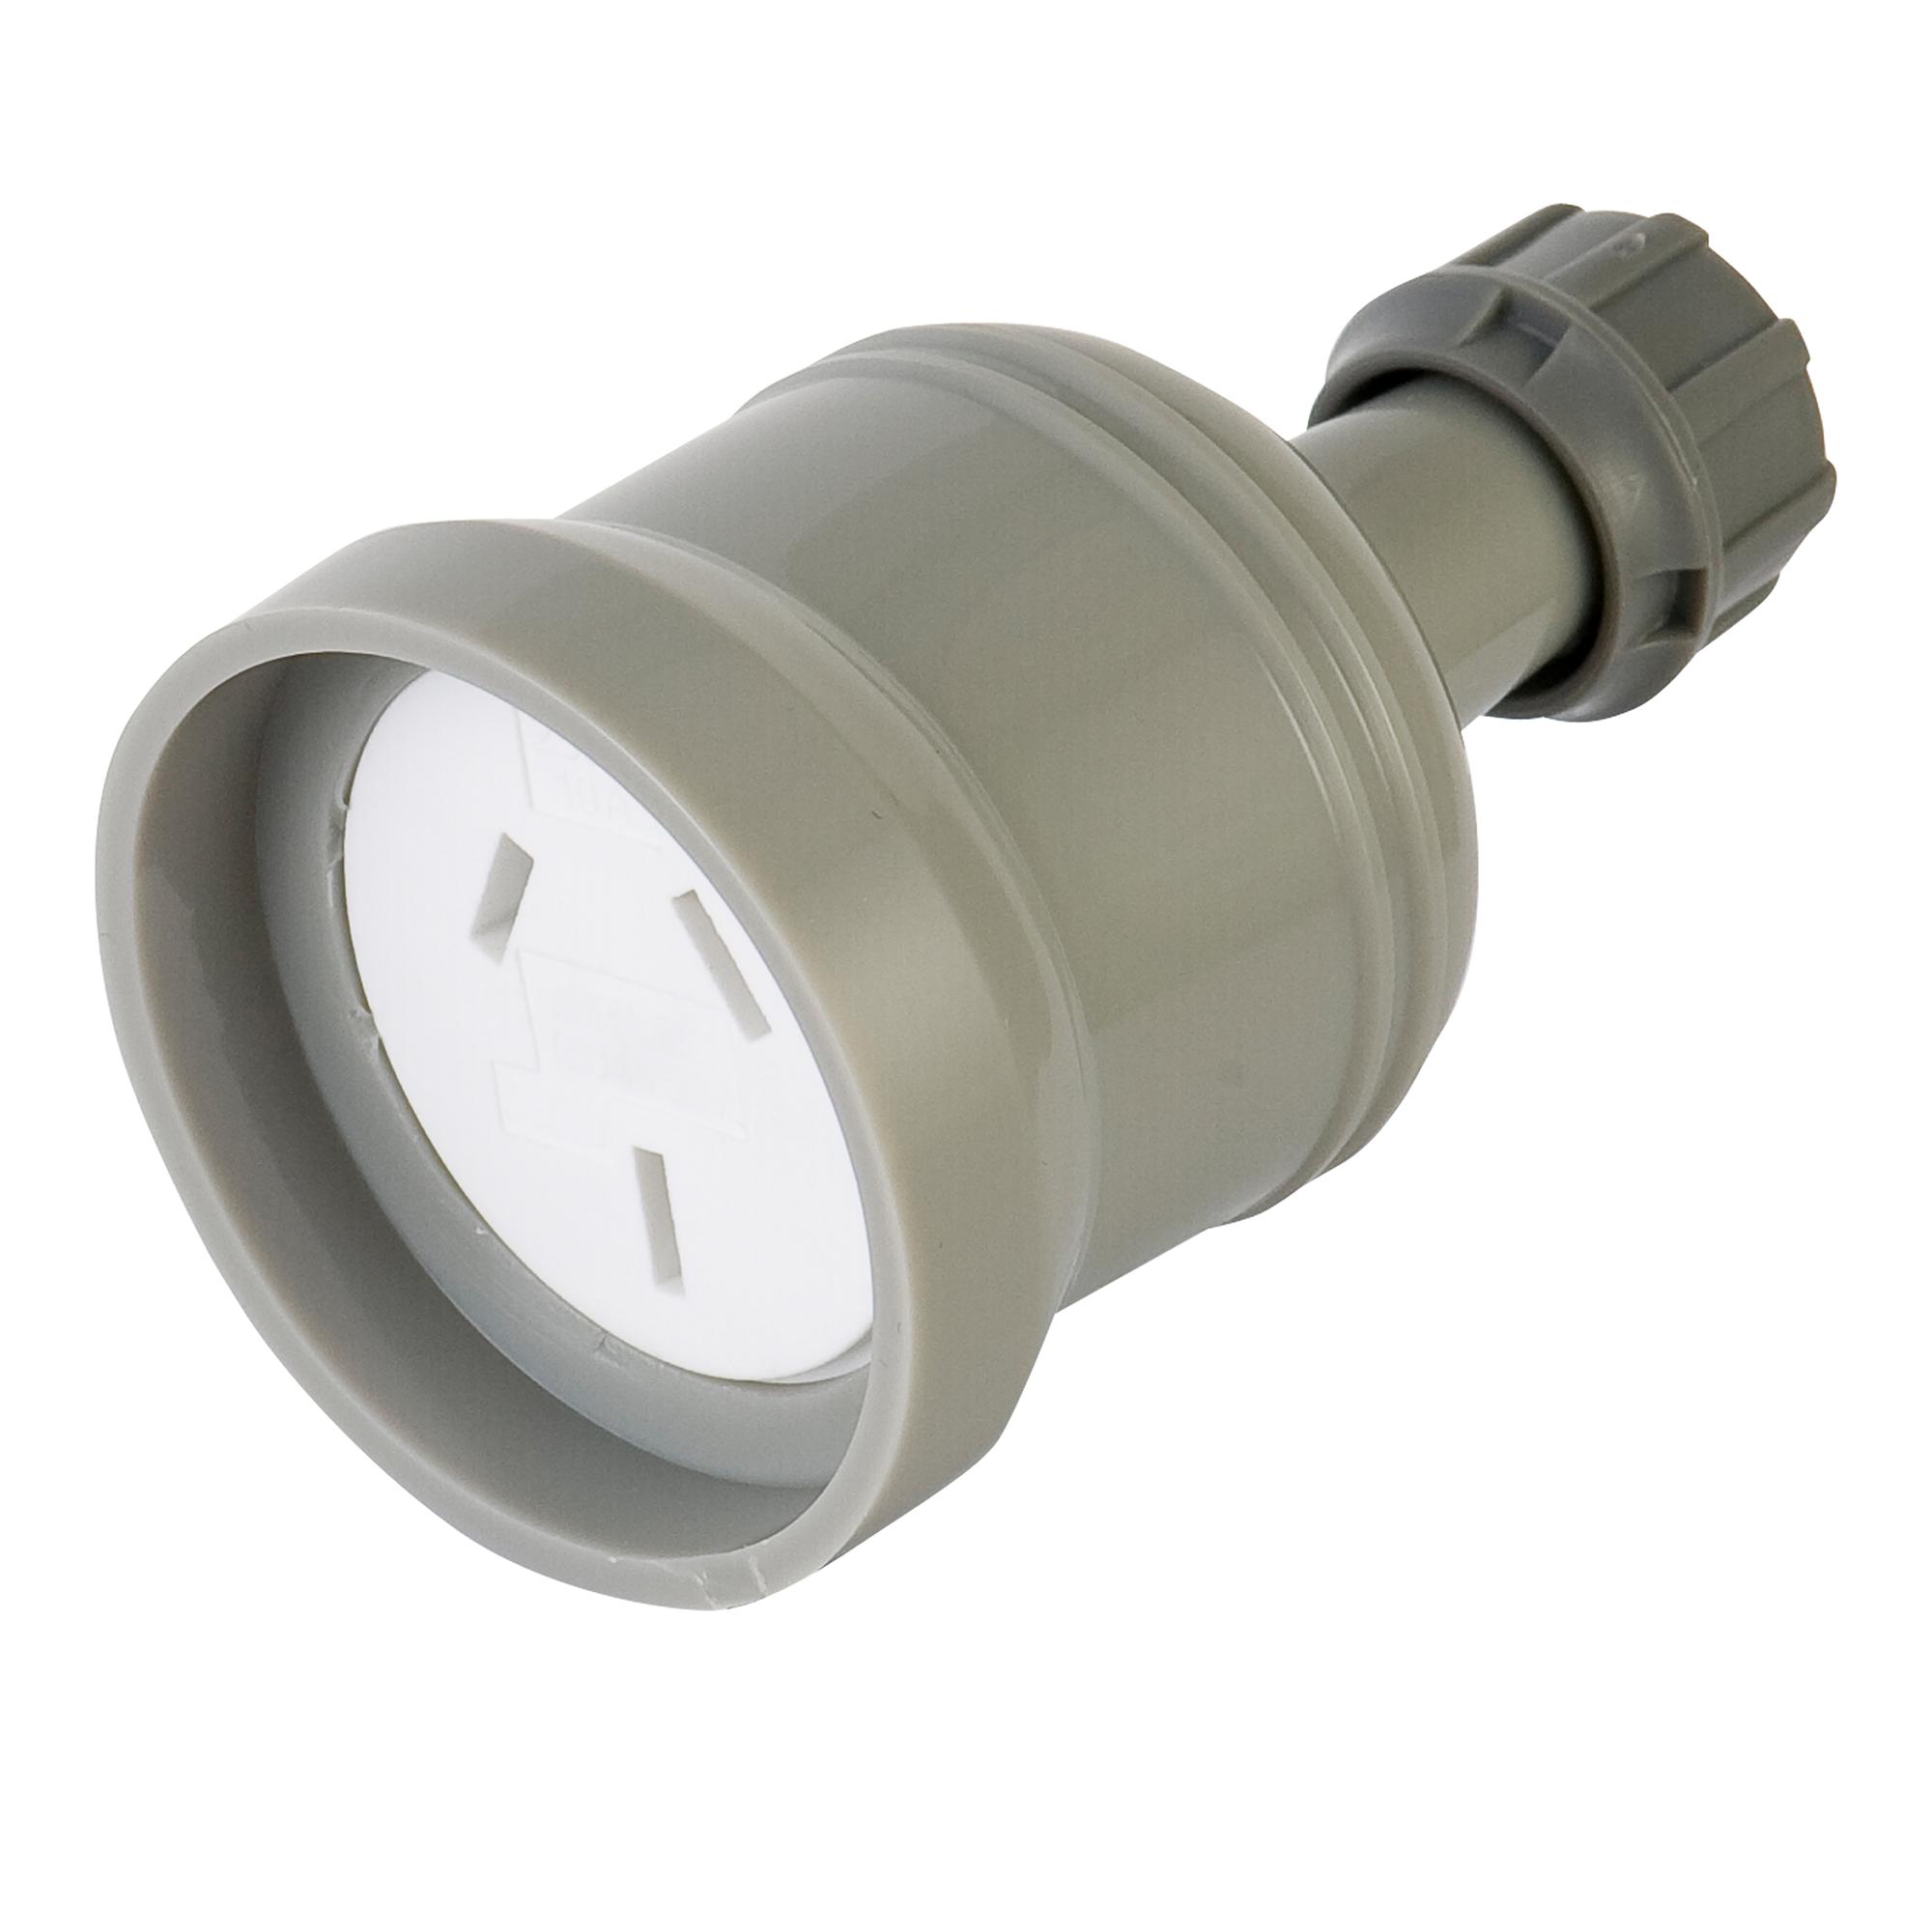 Deta 10a grey extension socket